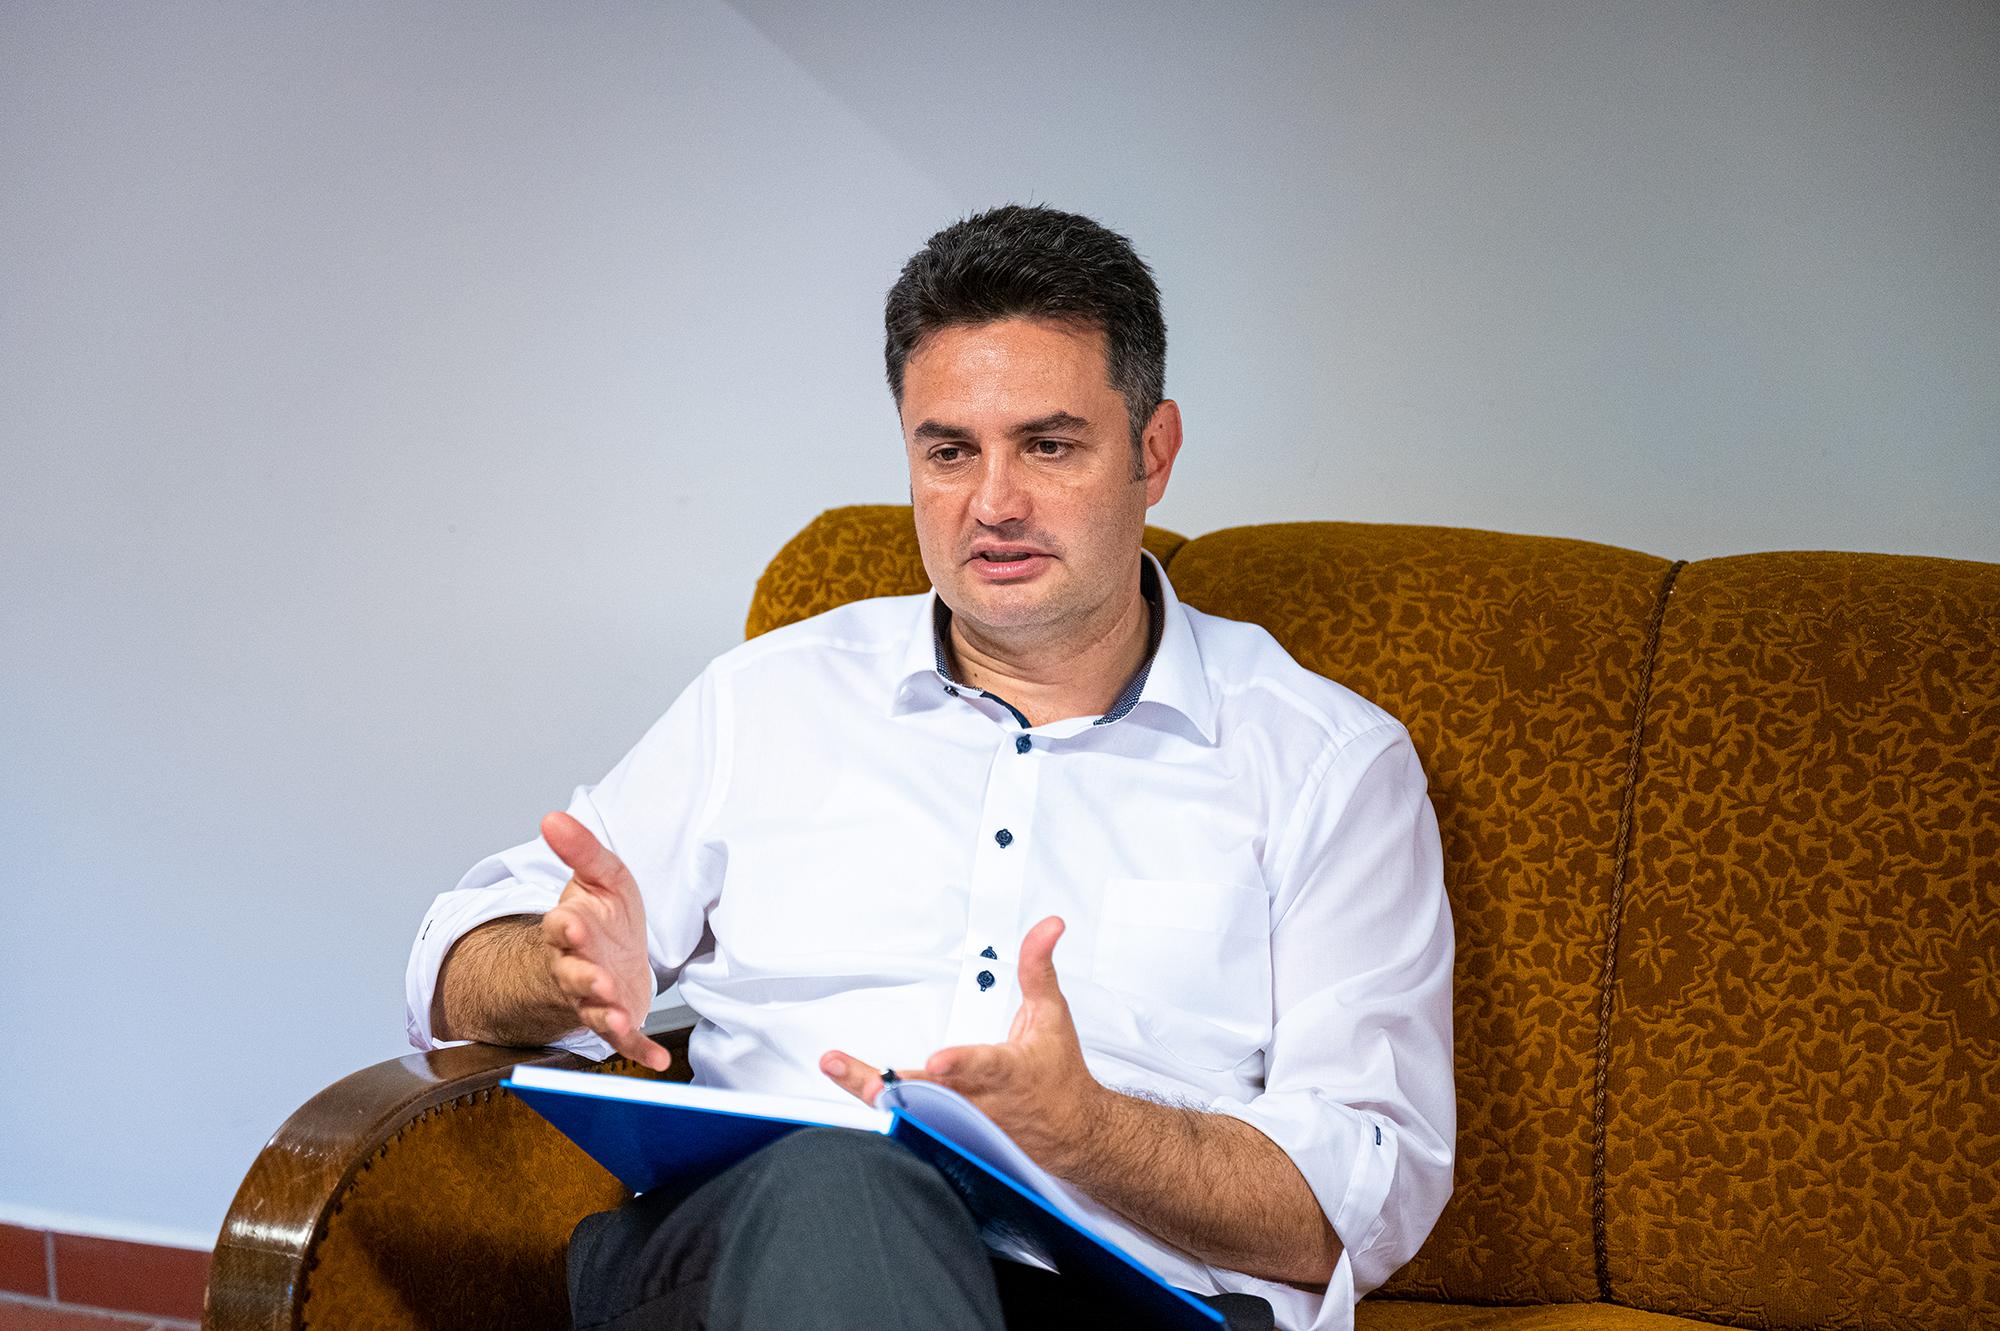 Márki-Zay Péter: Szájer József egymaga többet ártott a Fidesznek, mint az  ellenzék 2010 óta összesen   24.hu